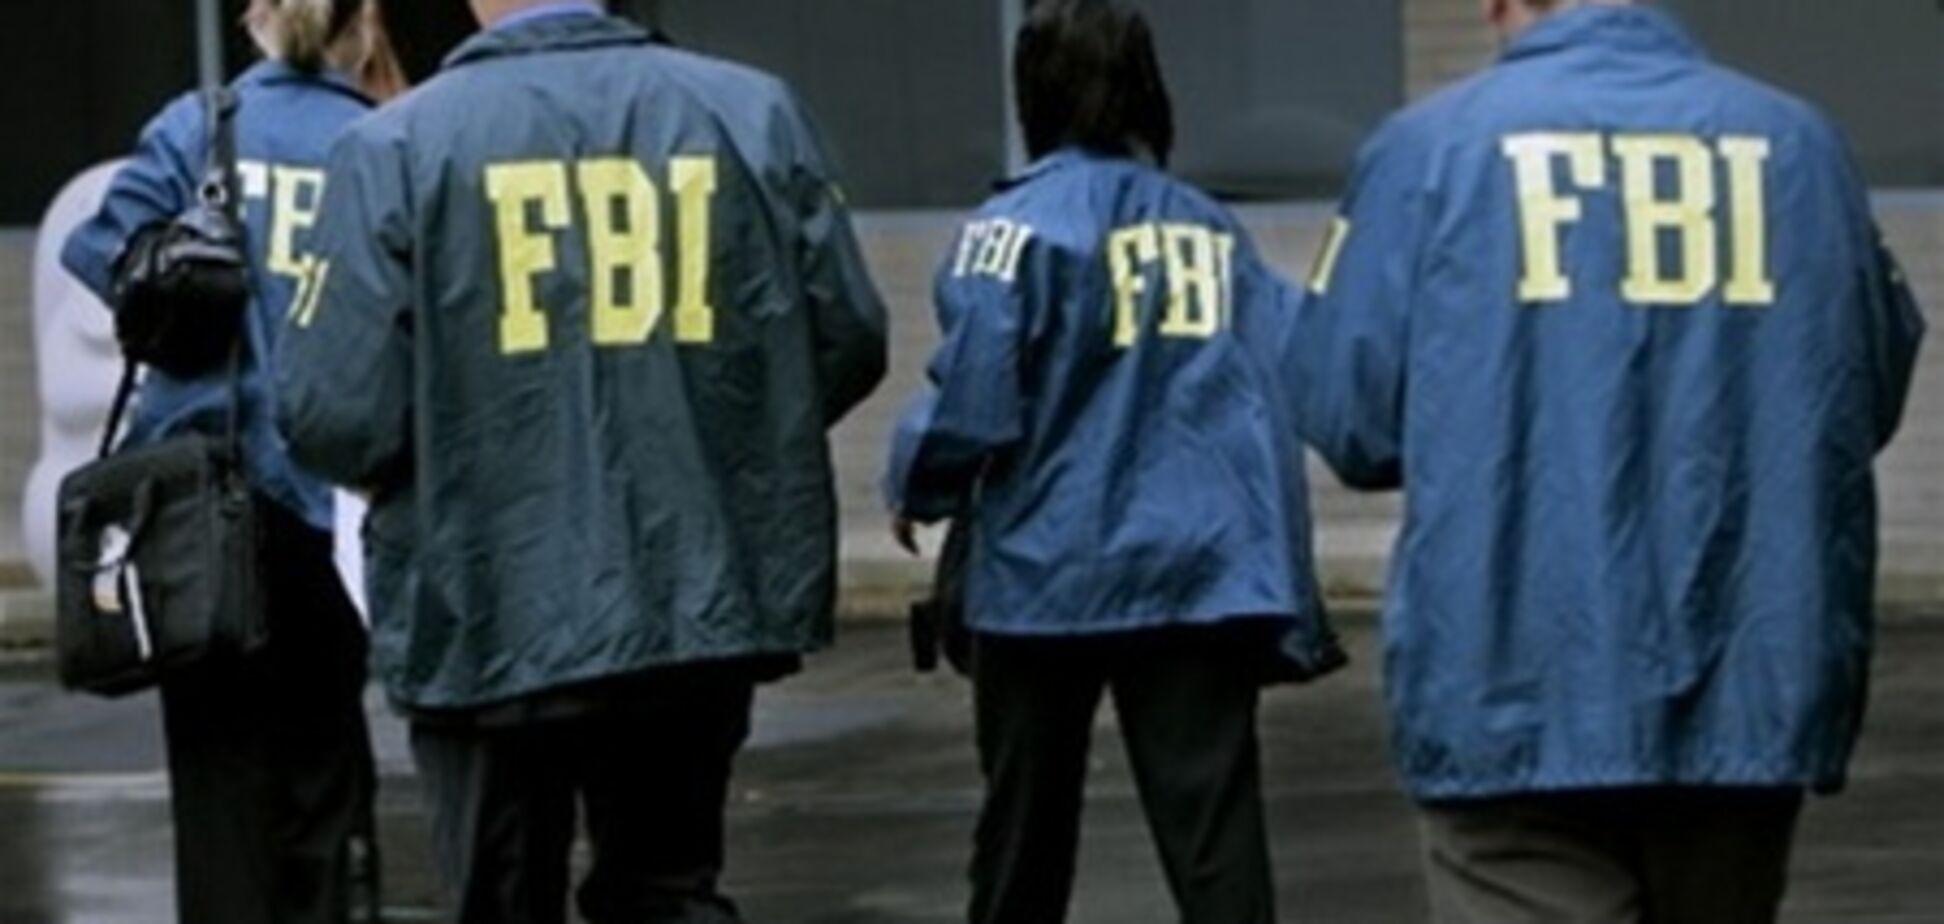 ФБР захватило порносайт, чтобы поймать педофилов